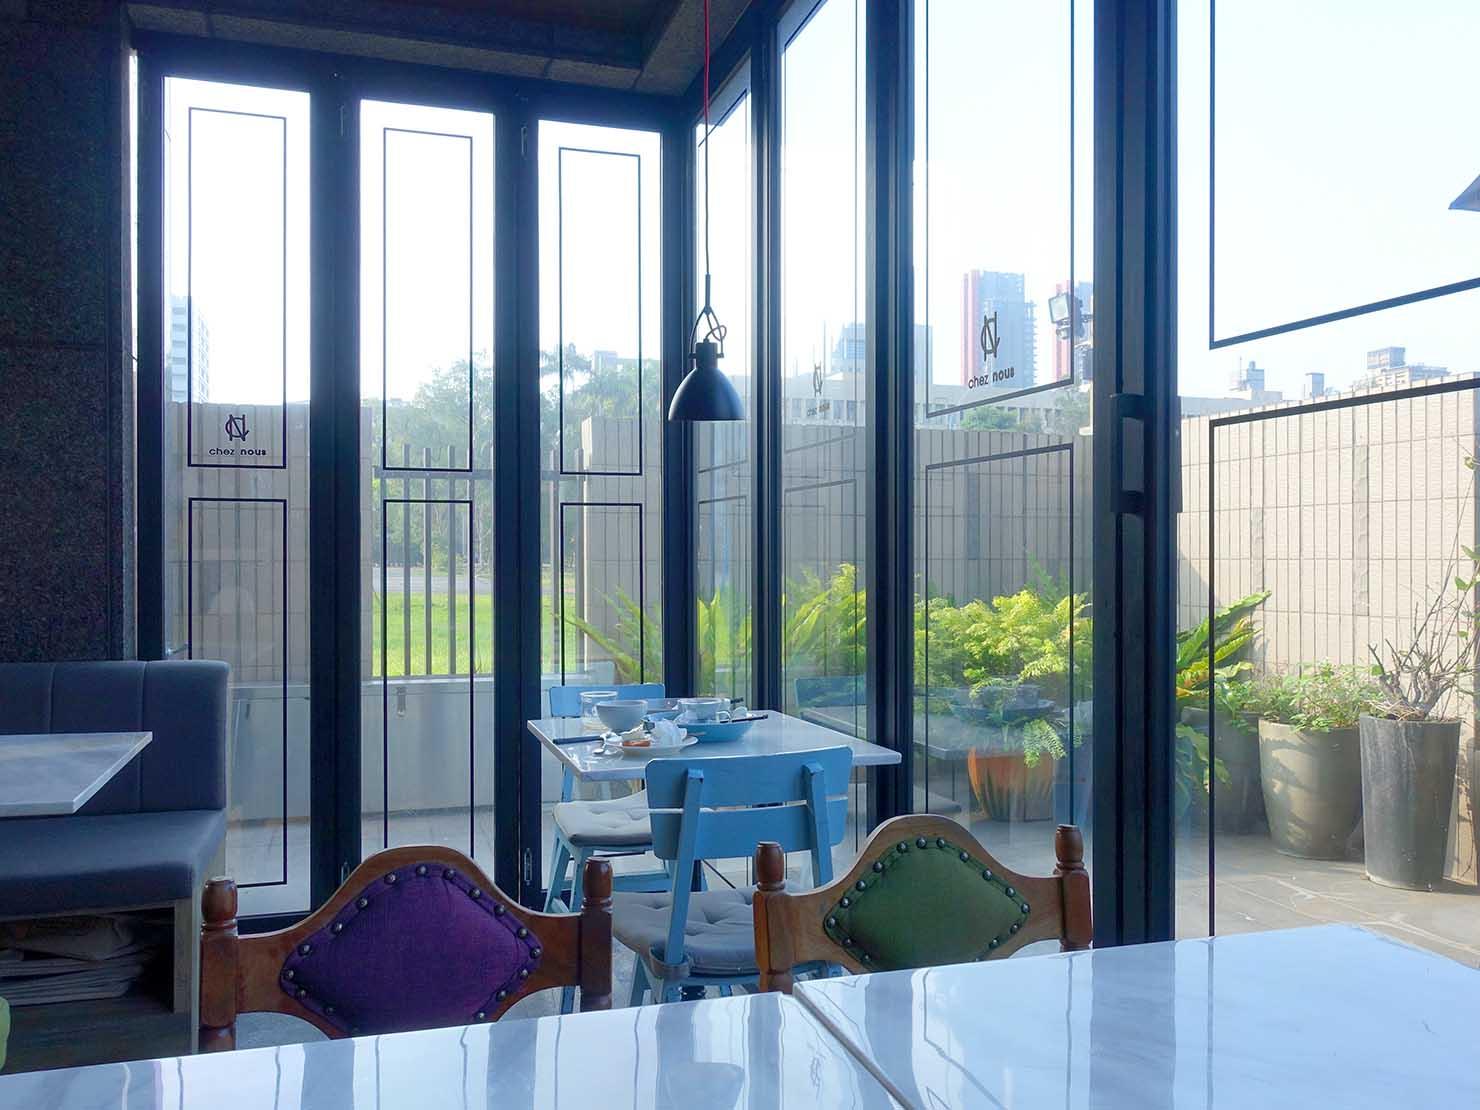 台北・大安の最高におしゃれなブティックホテル「chez nous 司旅」ダイニングスペースの窓